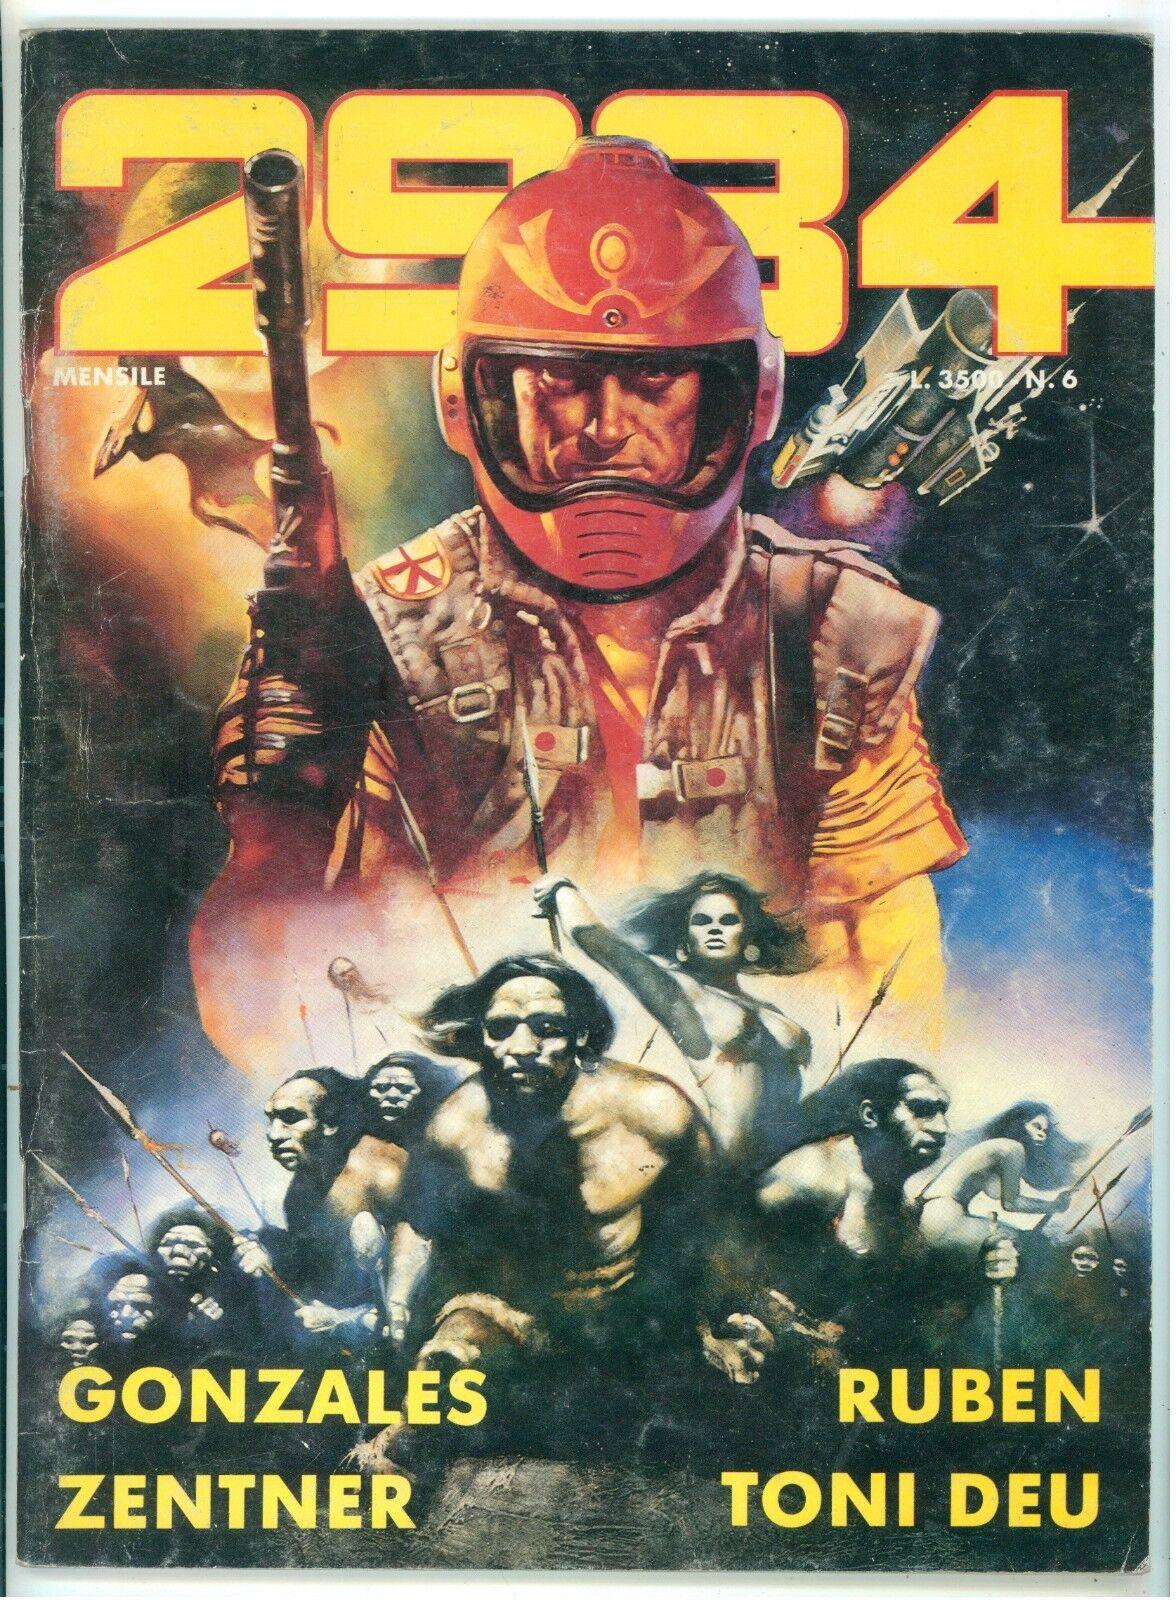 2984 PERIODICO MENSILE ANNO 1 NUMERO 6 LUGLIO 1986 NUOVA SERIE RIVISTE FUMETTI